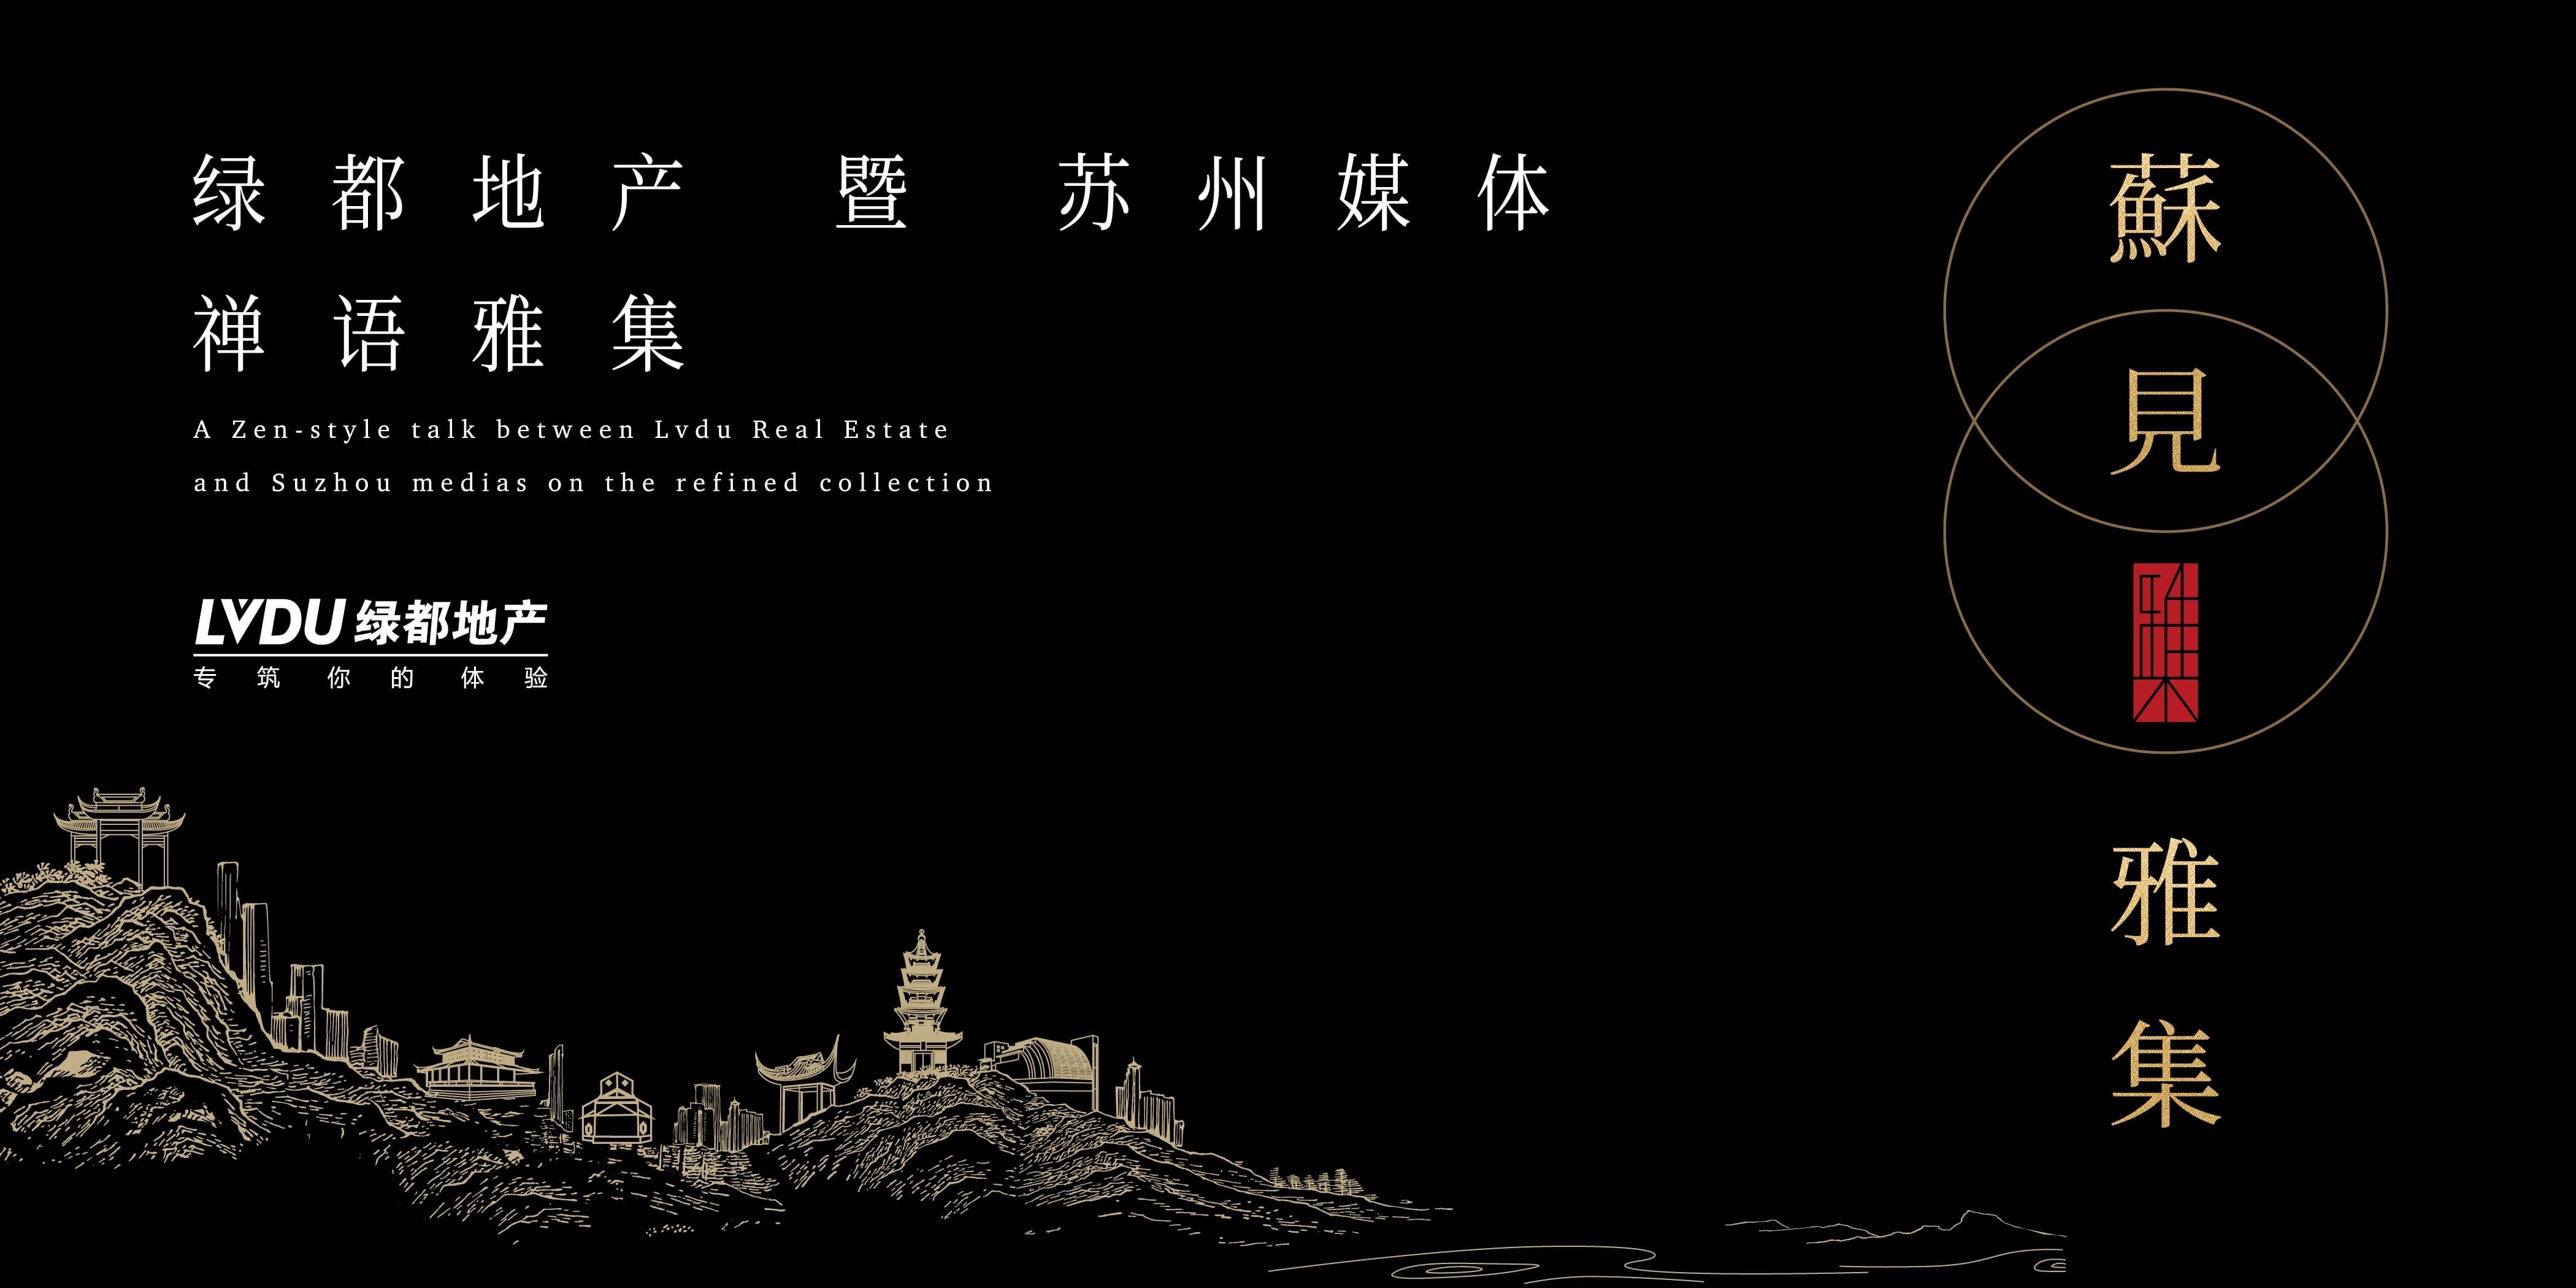 绿都地产暨苏州媒体 8月31日禅语